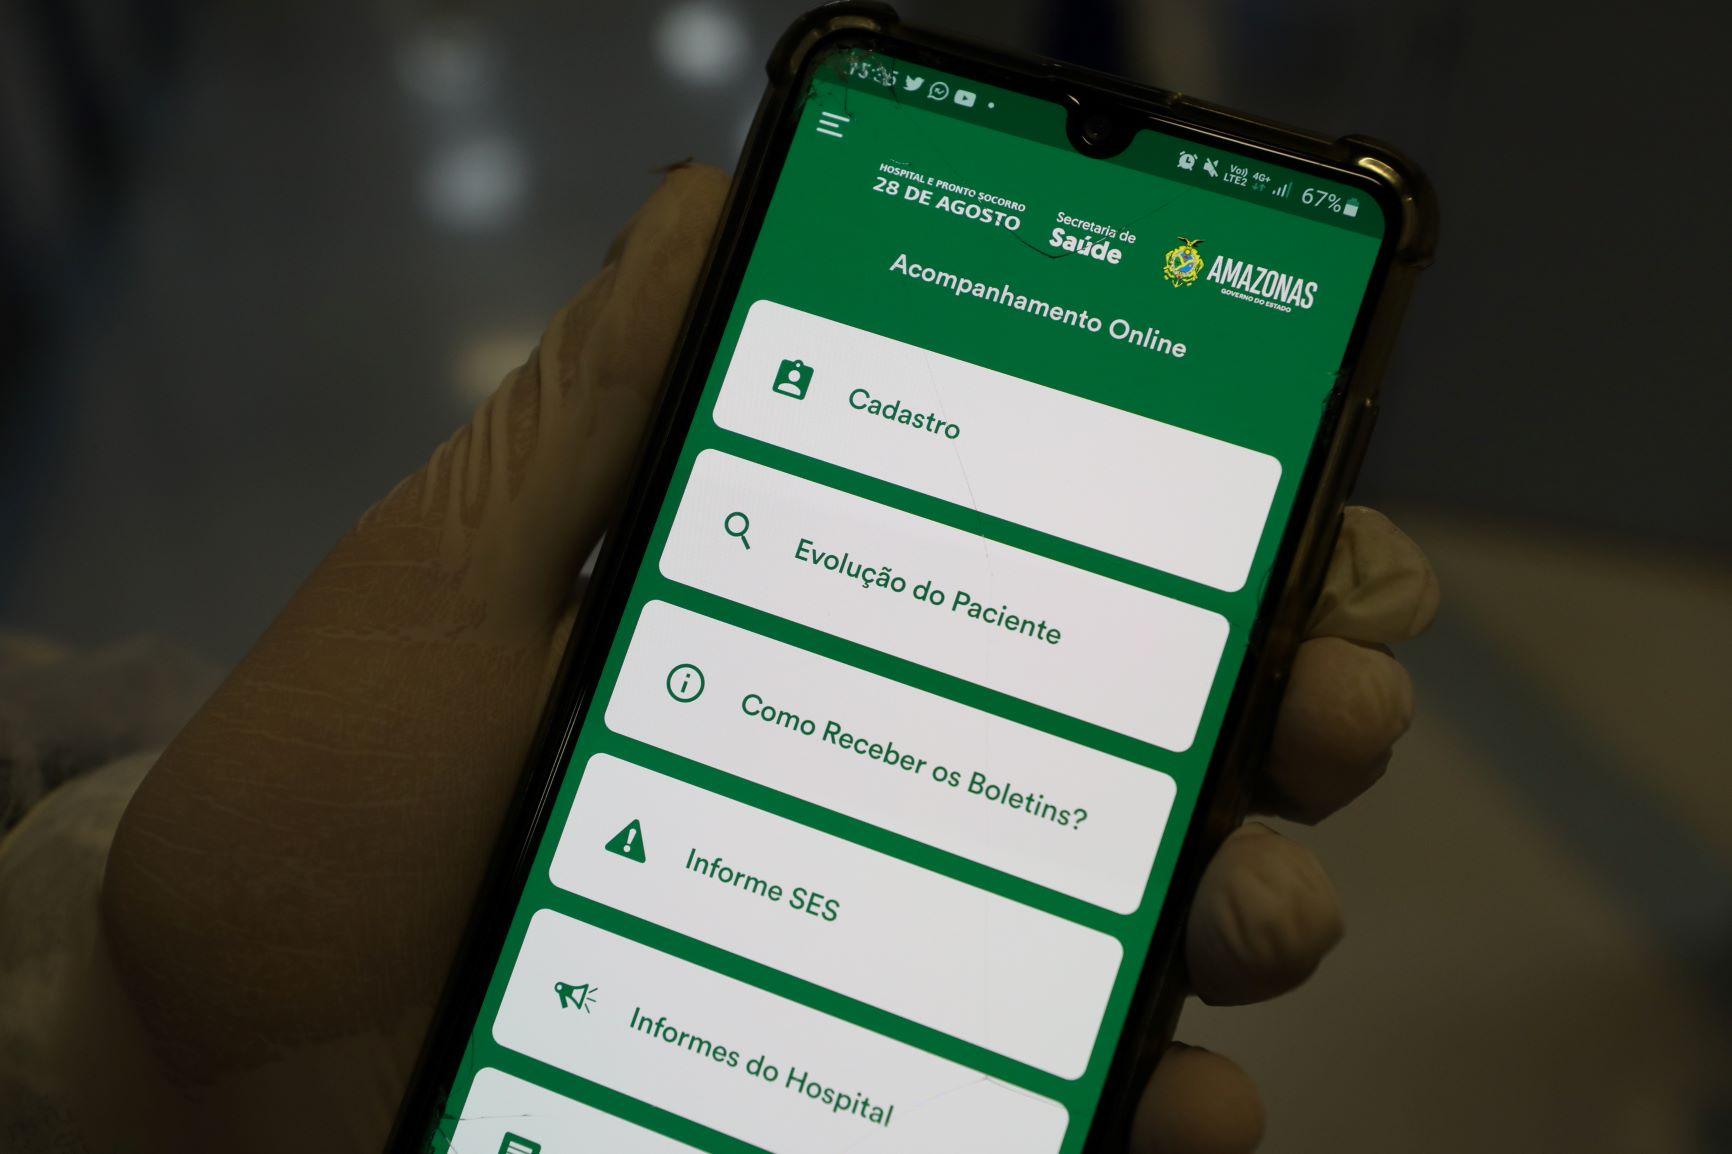 Profissionais de saúde do HPS 28 de Agosto recebem treinamento para uso de aplicativo